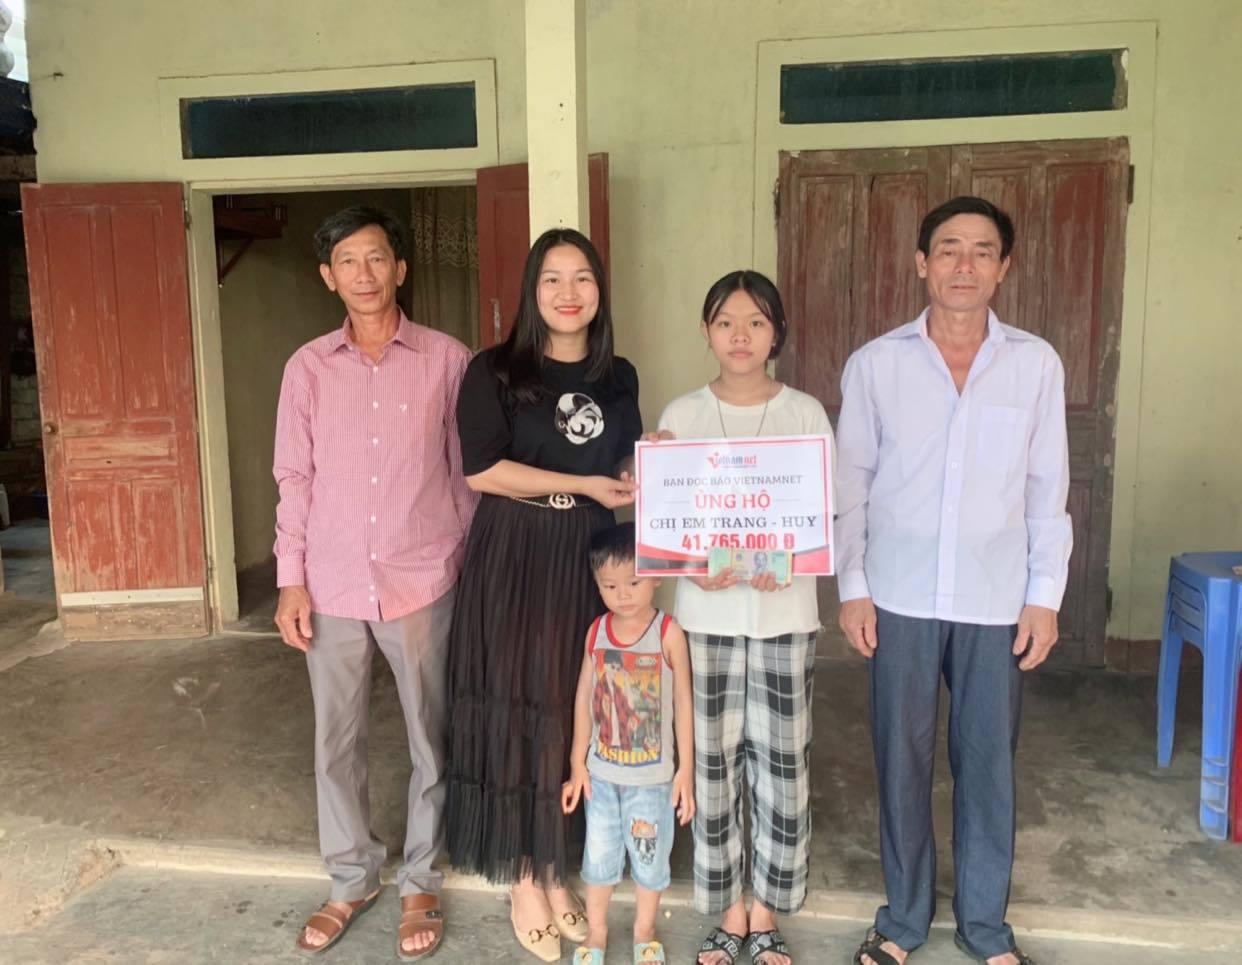 Hai chị em mồ côi Trang - Huy được bạn đọc ủng hộ hơn 41 triệu đồng